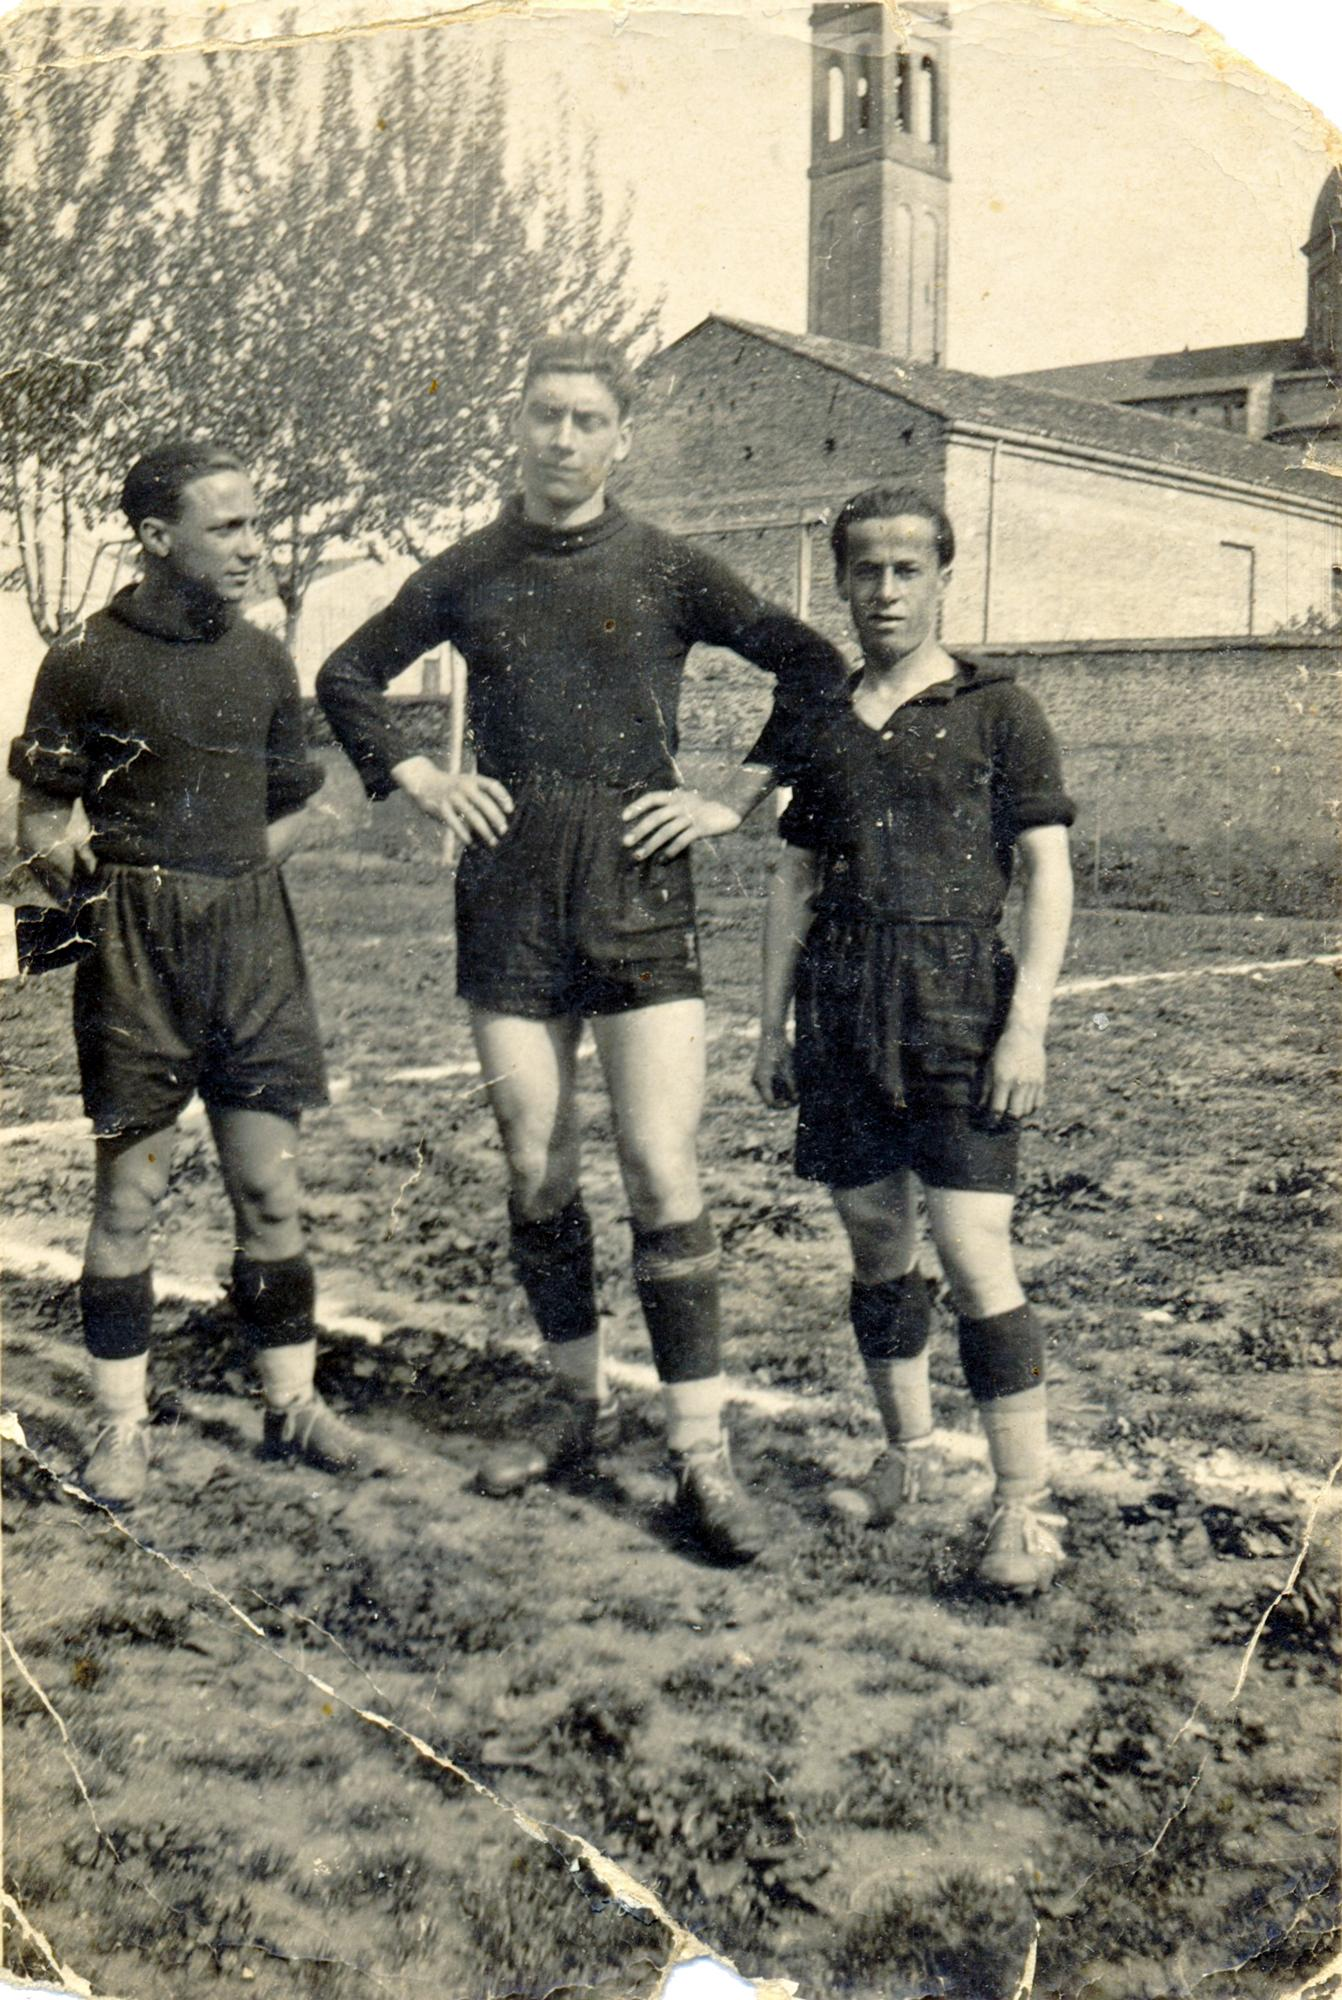 Stanghella, marzo 1938. Da sinistra: Maniero, Bortolin, De Vinch.